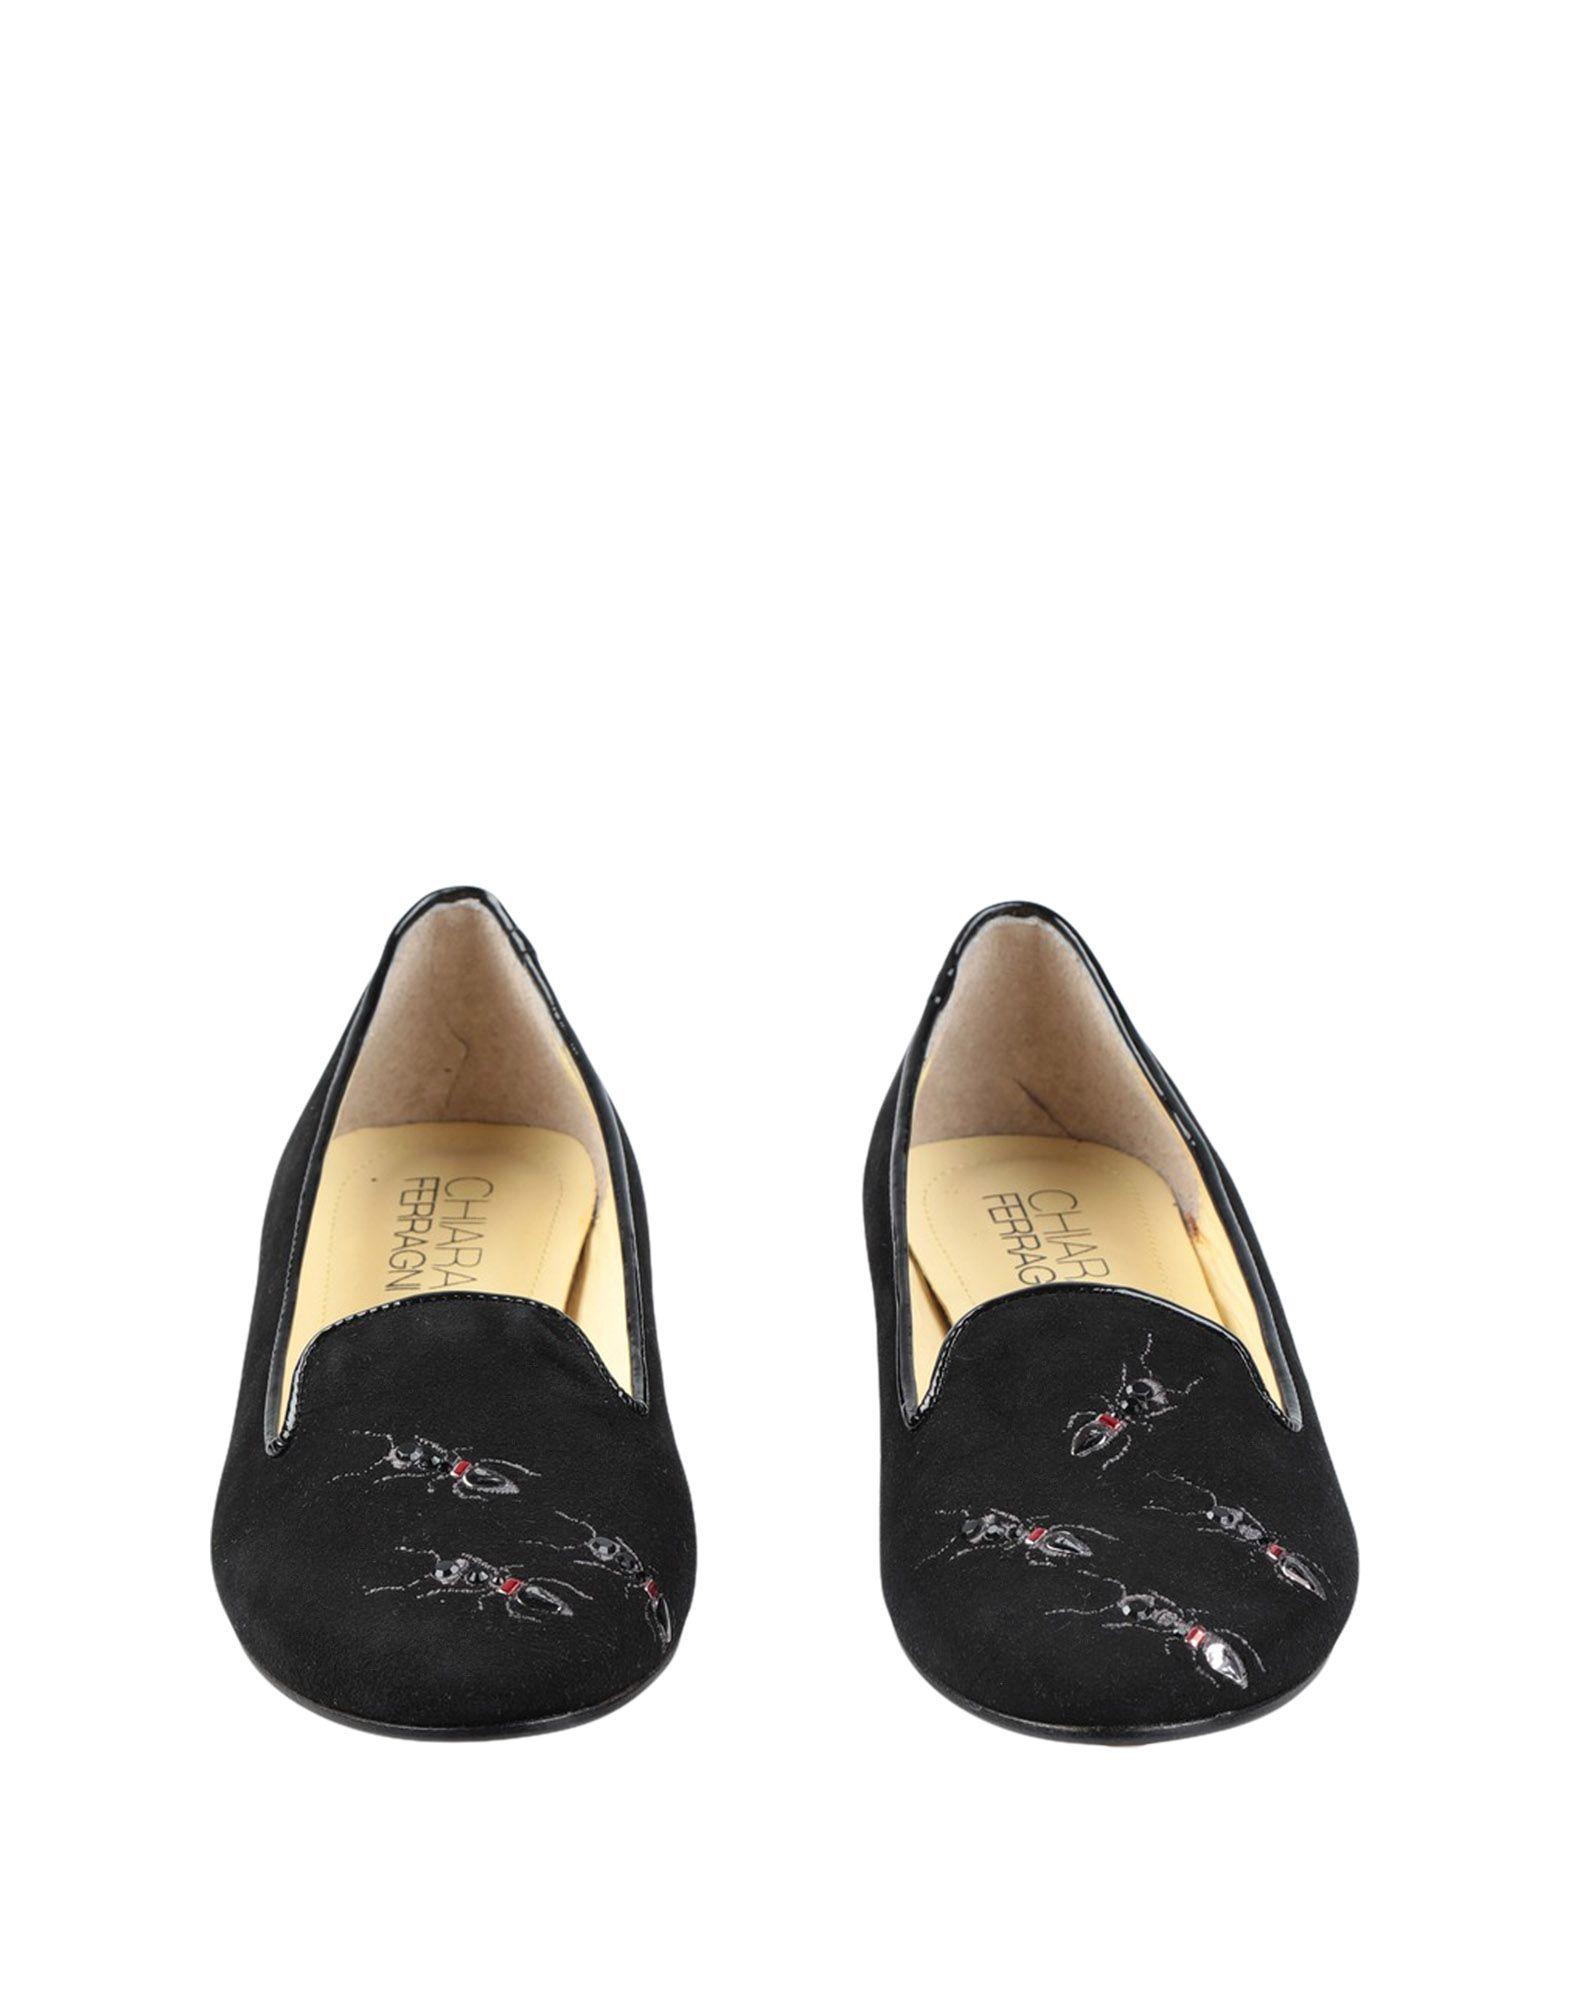 Rabatt Schuhe Chiara Ferragni Mokassins 11554735DB Damen  11554735DB Mokassins b7bc7f